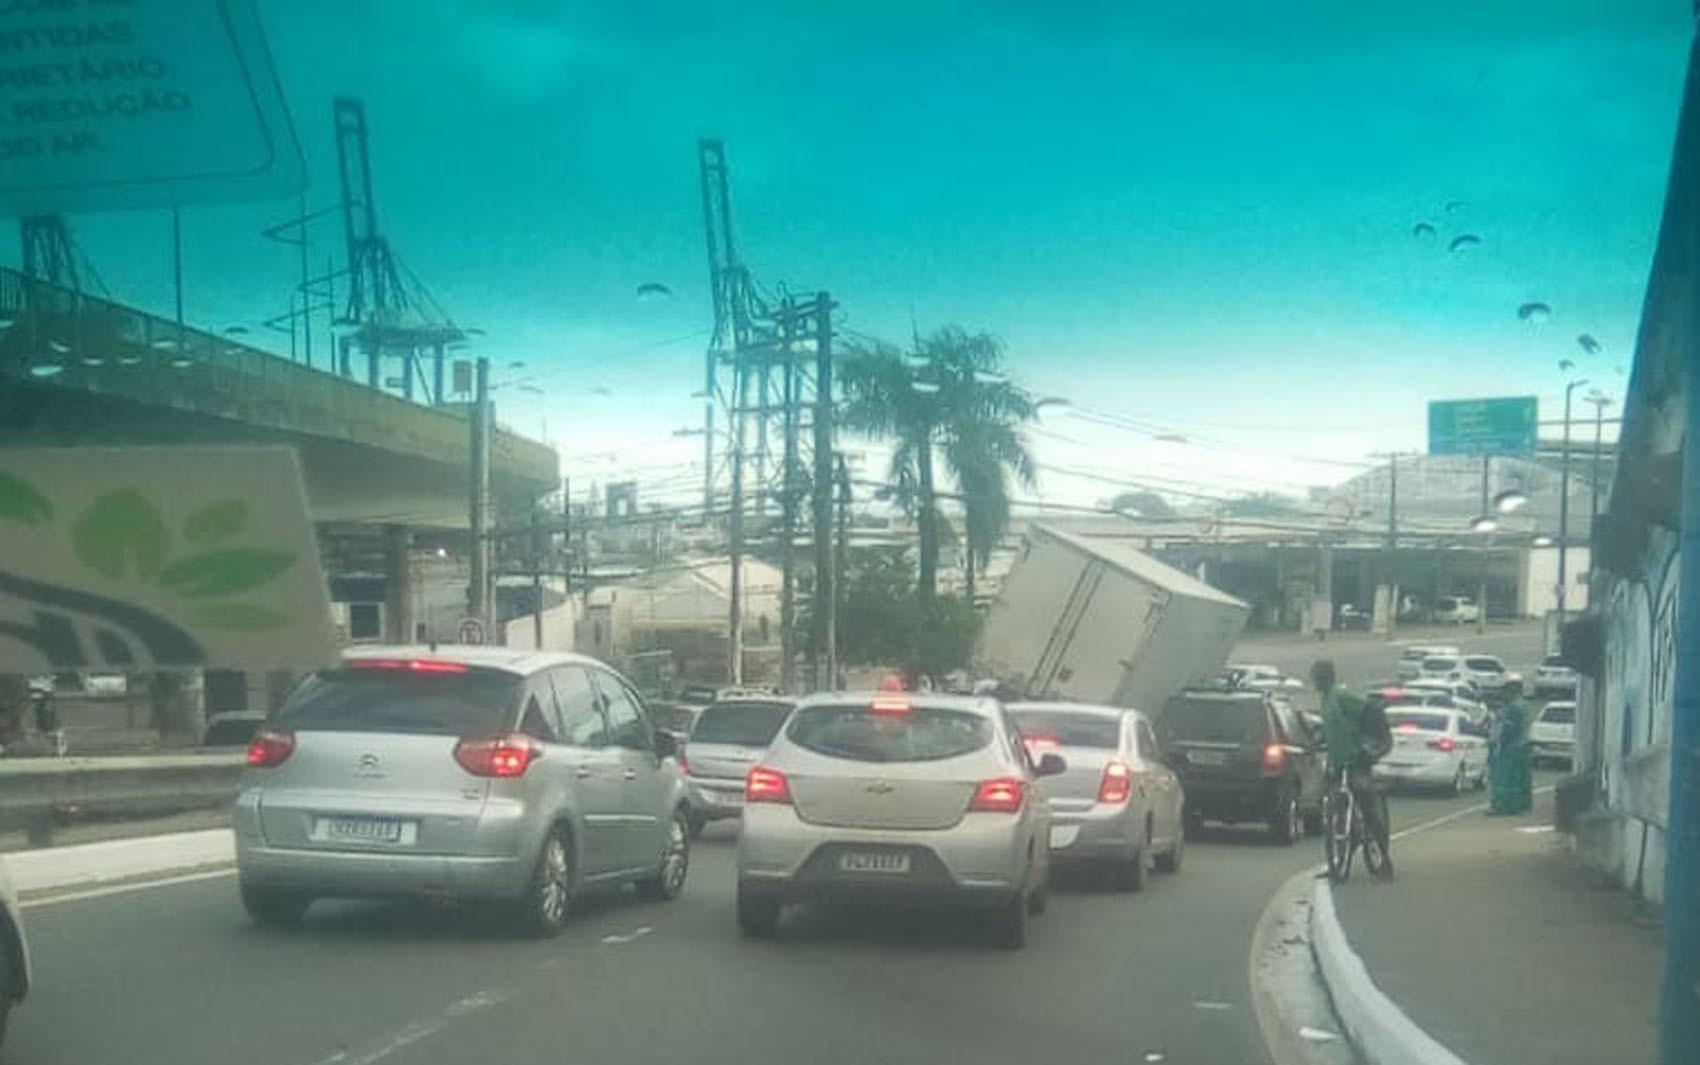 Caminhão fica inclinado em alça de viaduto após batida com carro em Água de Meninos, em Salvador